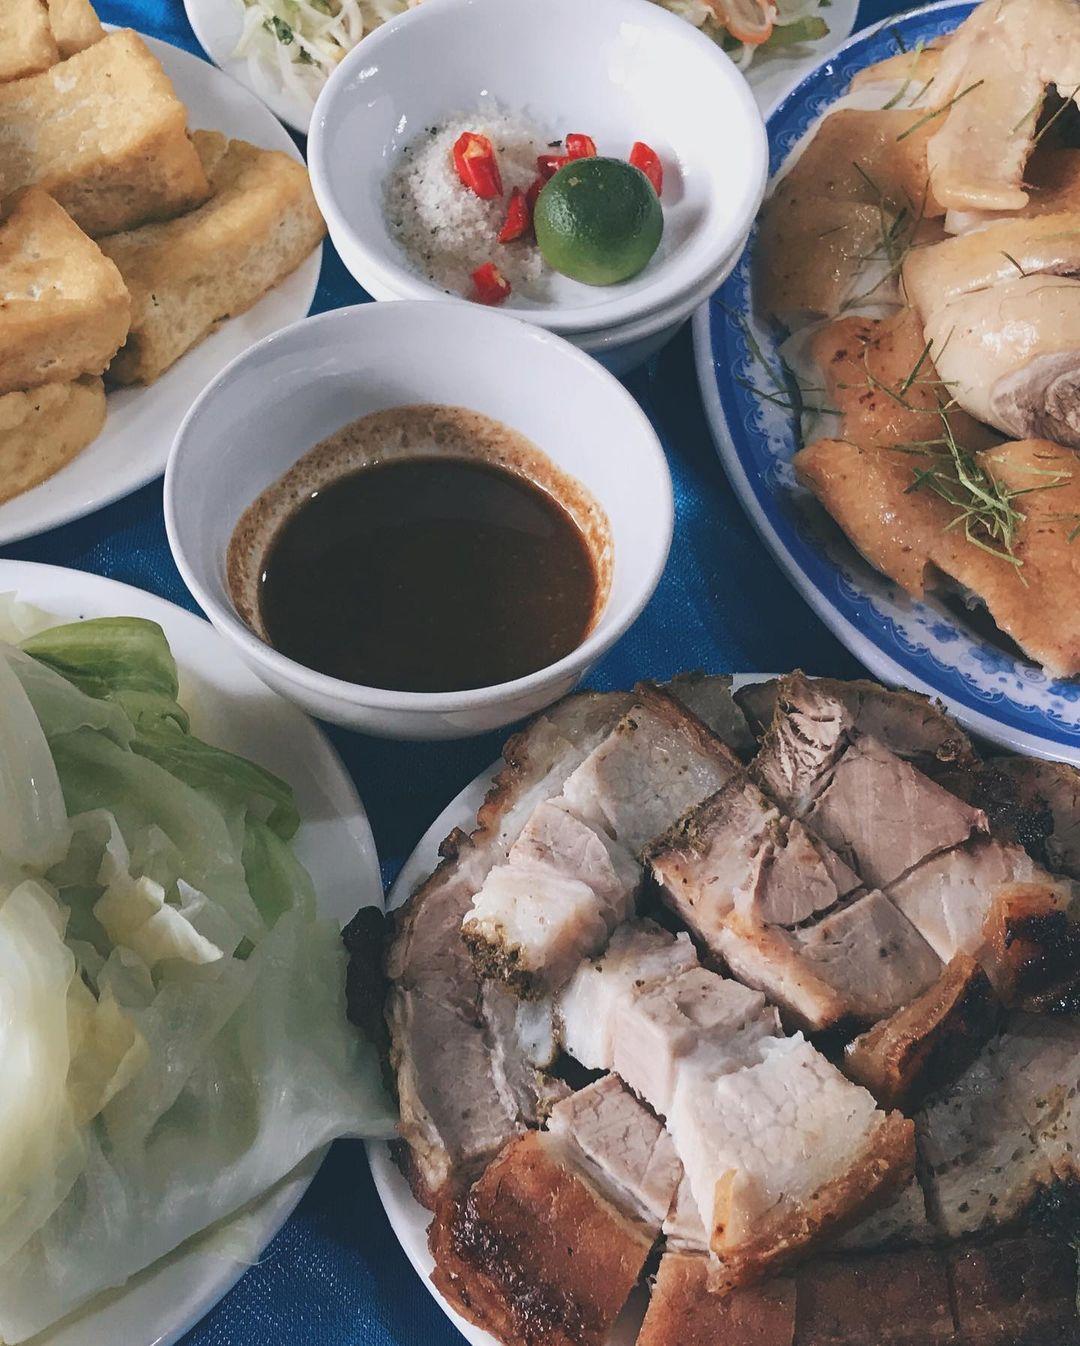 Thịt quay đòn xuất hiện trong mâm cơm truyền thống của người Đường Lâm nói riêng và người xứ Đoài nói chung, chấm cùng nước tương đặc sản. Ảnh: @mamiimam.t/Instagram